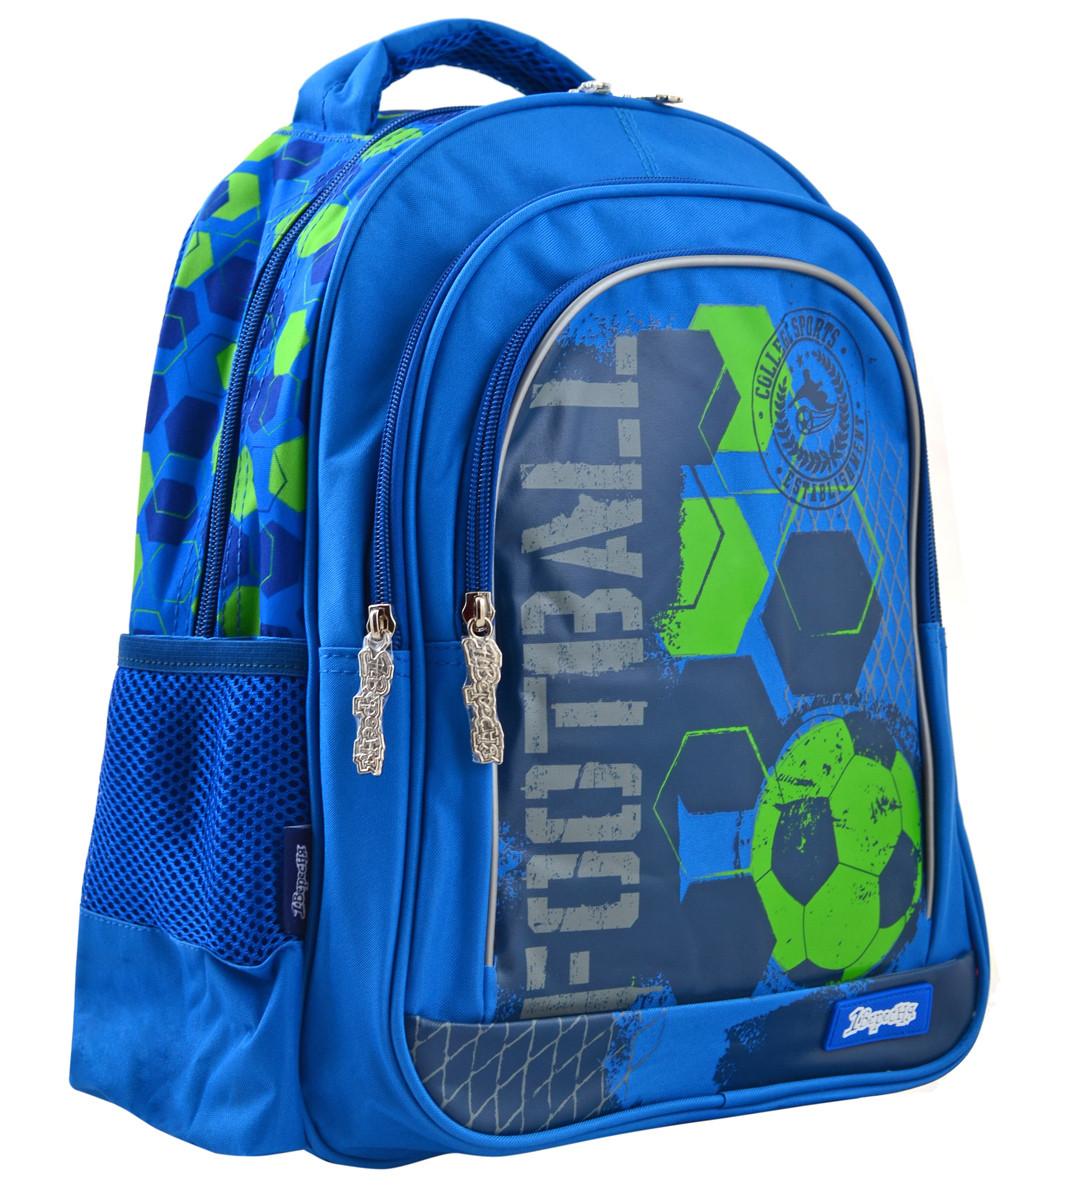 Рюкзак школьный 1 Вересня S-22 Football 556341